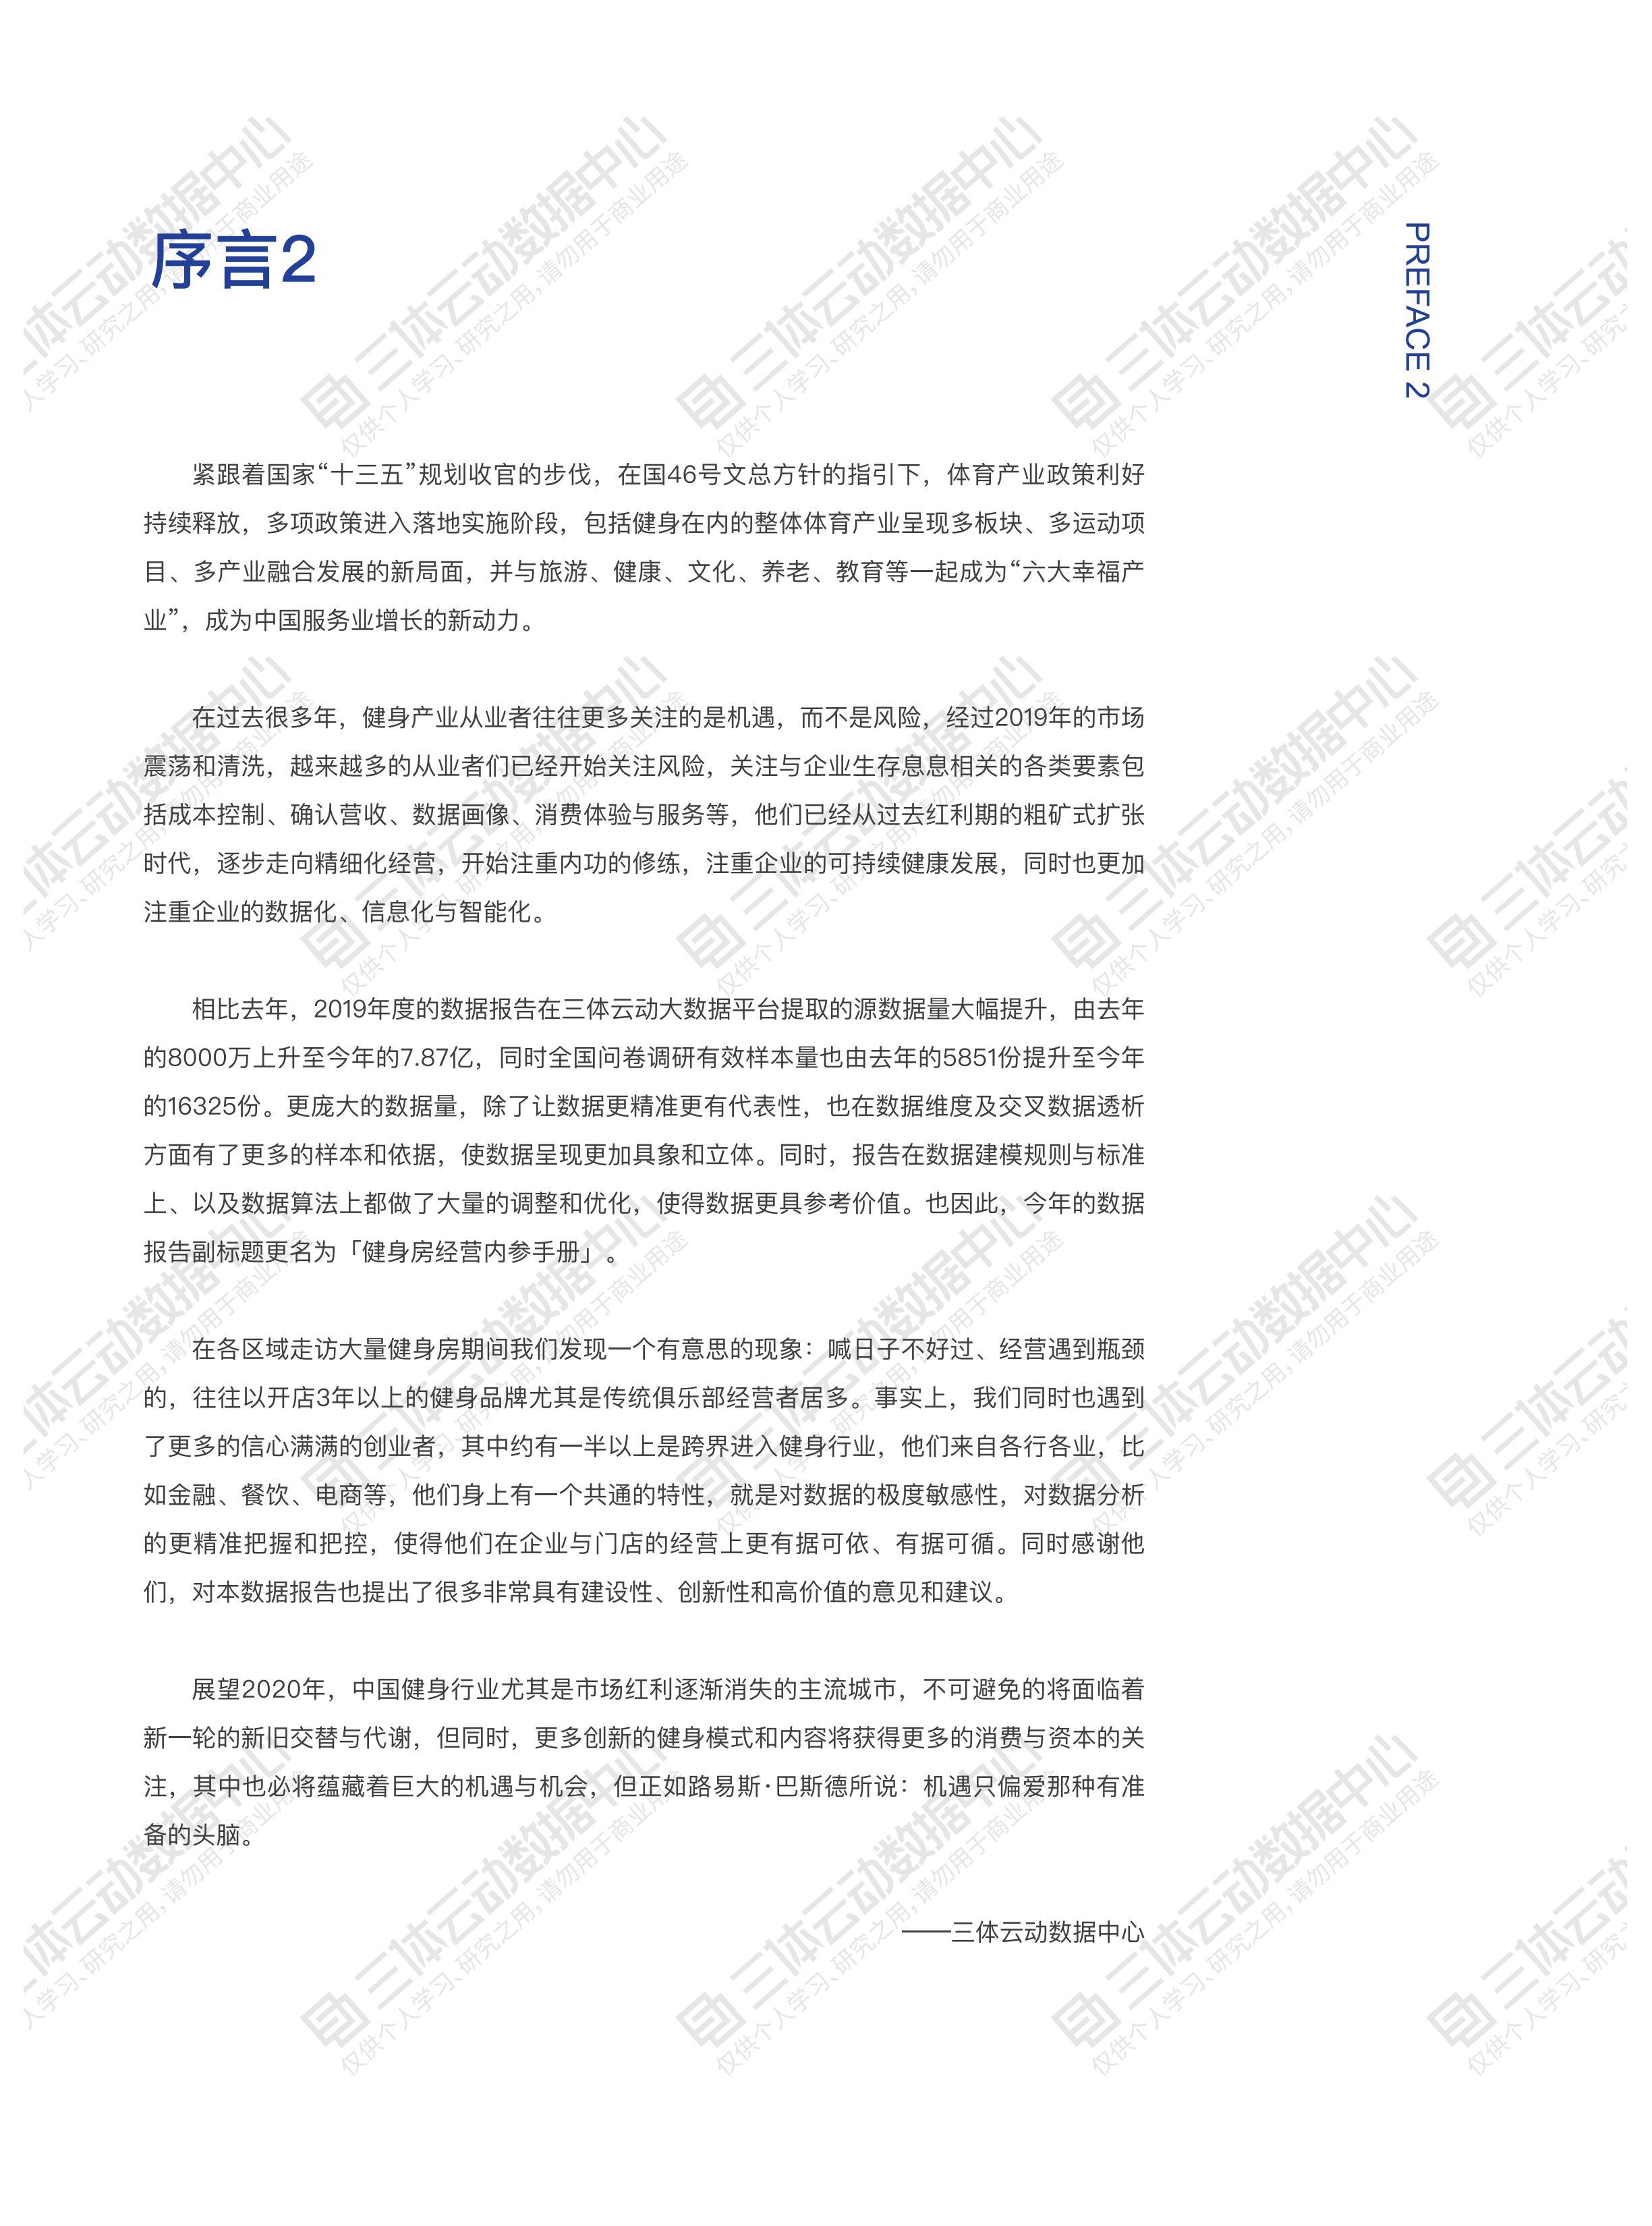 【免费下载】三体云动2019中国健身行业数据报告(简版)插图(2)